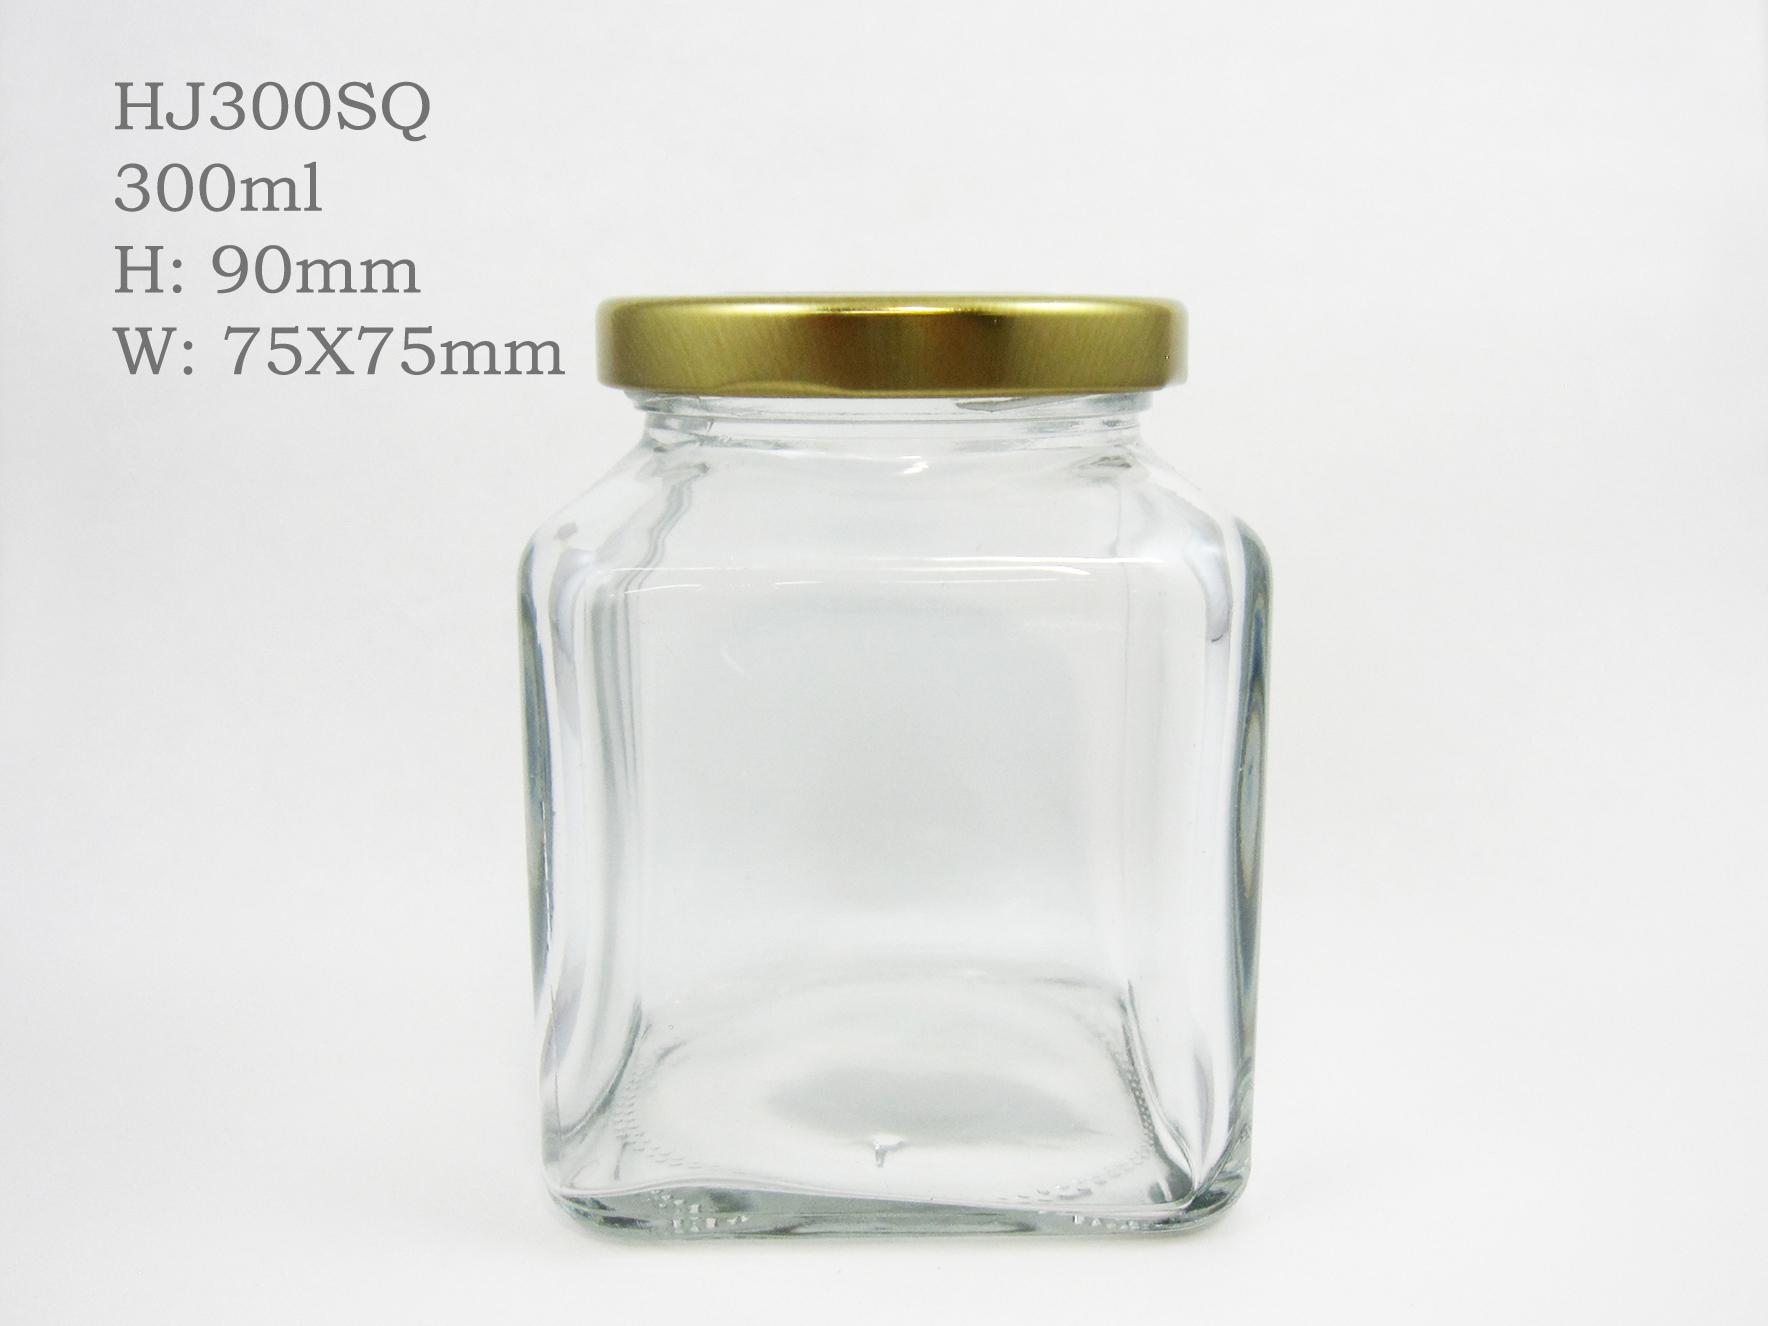 hj300sq-gold